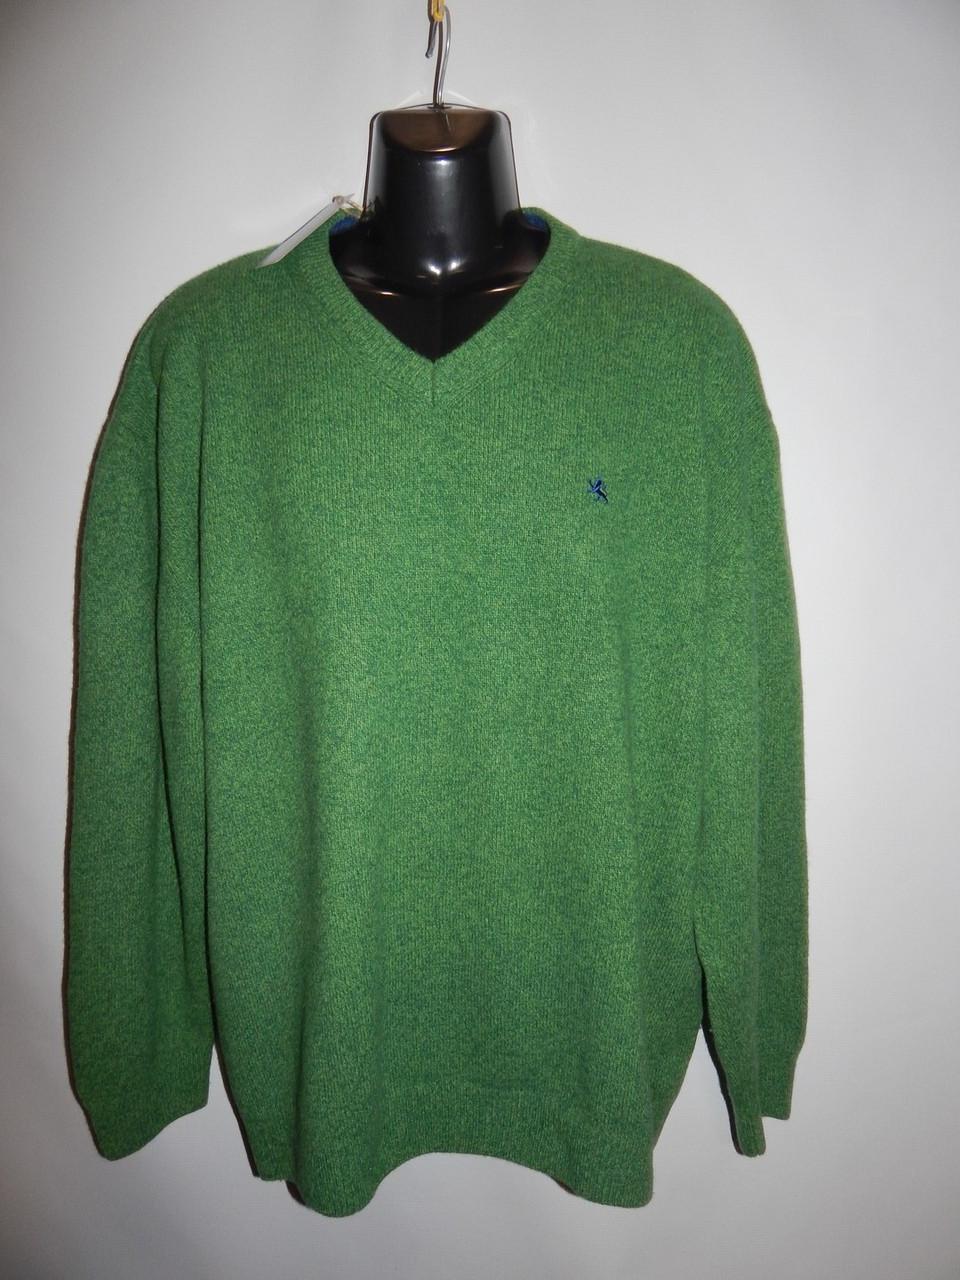 a49e4c380f143 Мужской шерстяной фирменный свитер KITARO men сток р.56-58 218см - Интернет-